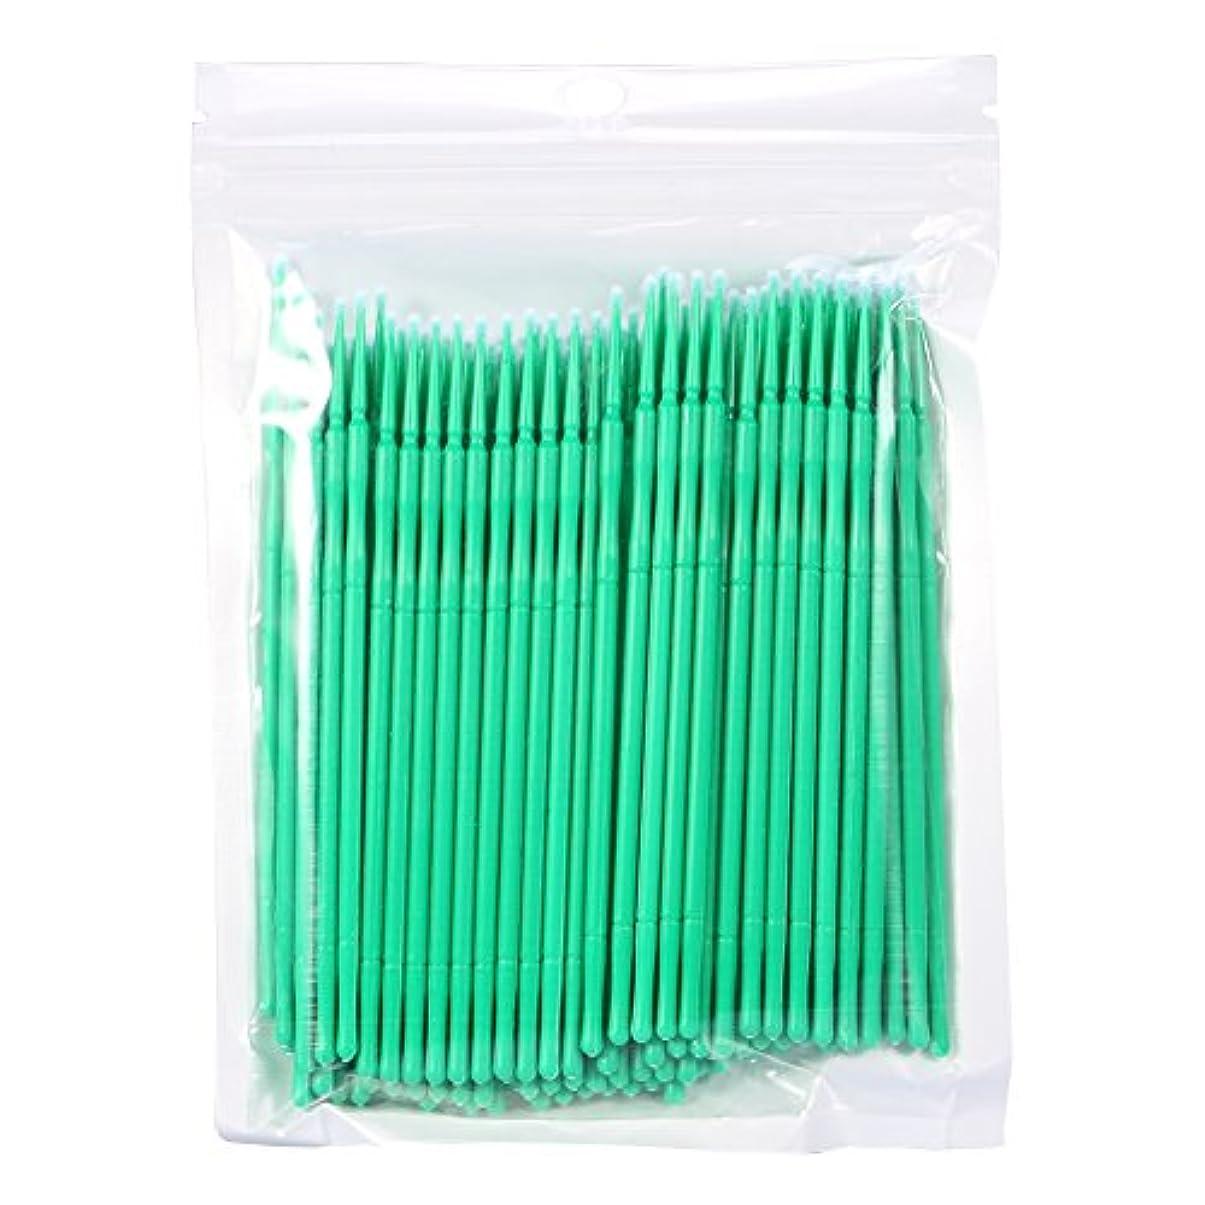 文明化する信仰100PCS 使い捨て可能なまつげブラシ、まつ毛ブラシ 便利(绿色)